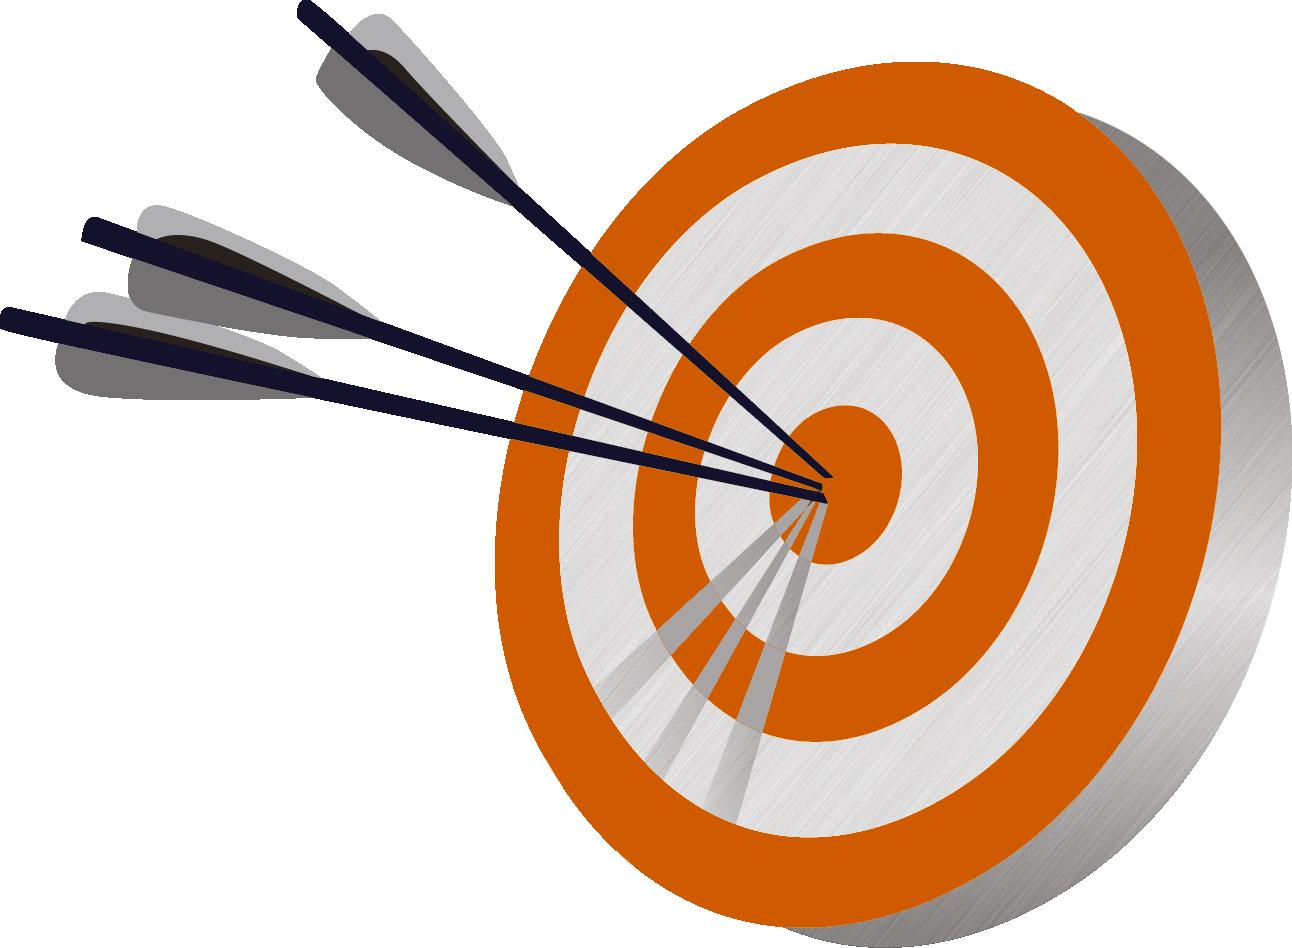 morthub web design target image